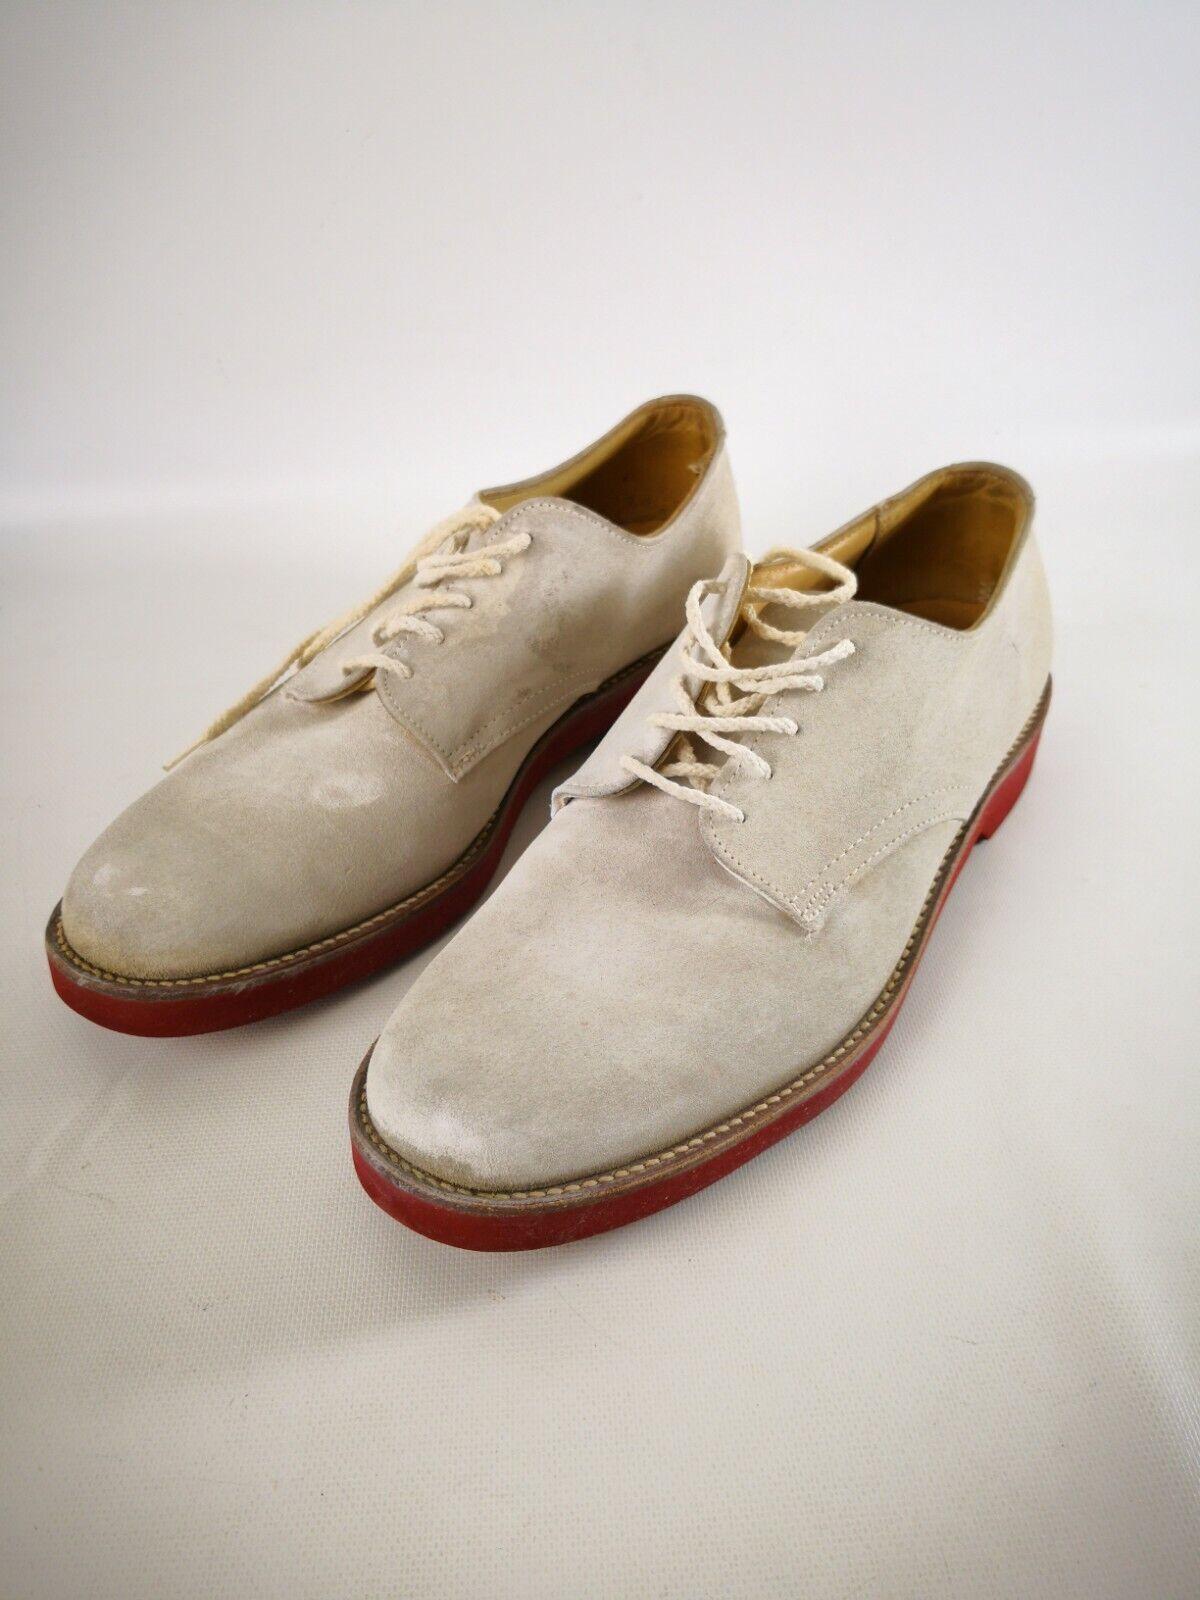 Kupit Austin Reed Suede Leather White Shoe Mens Size Na Aukcion Iz Ameriki S Dostavkoj V Rossiyu Ukrainu Kazahstan